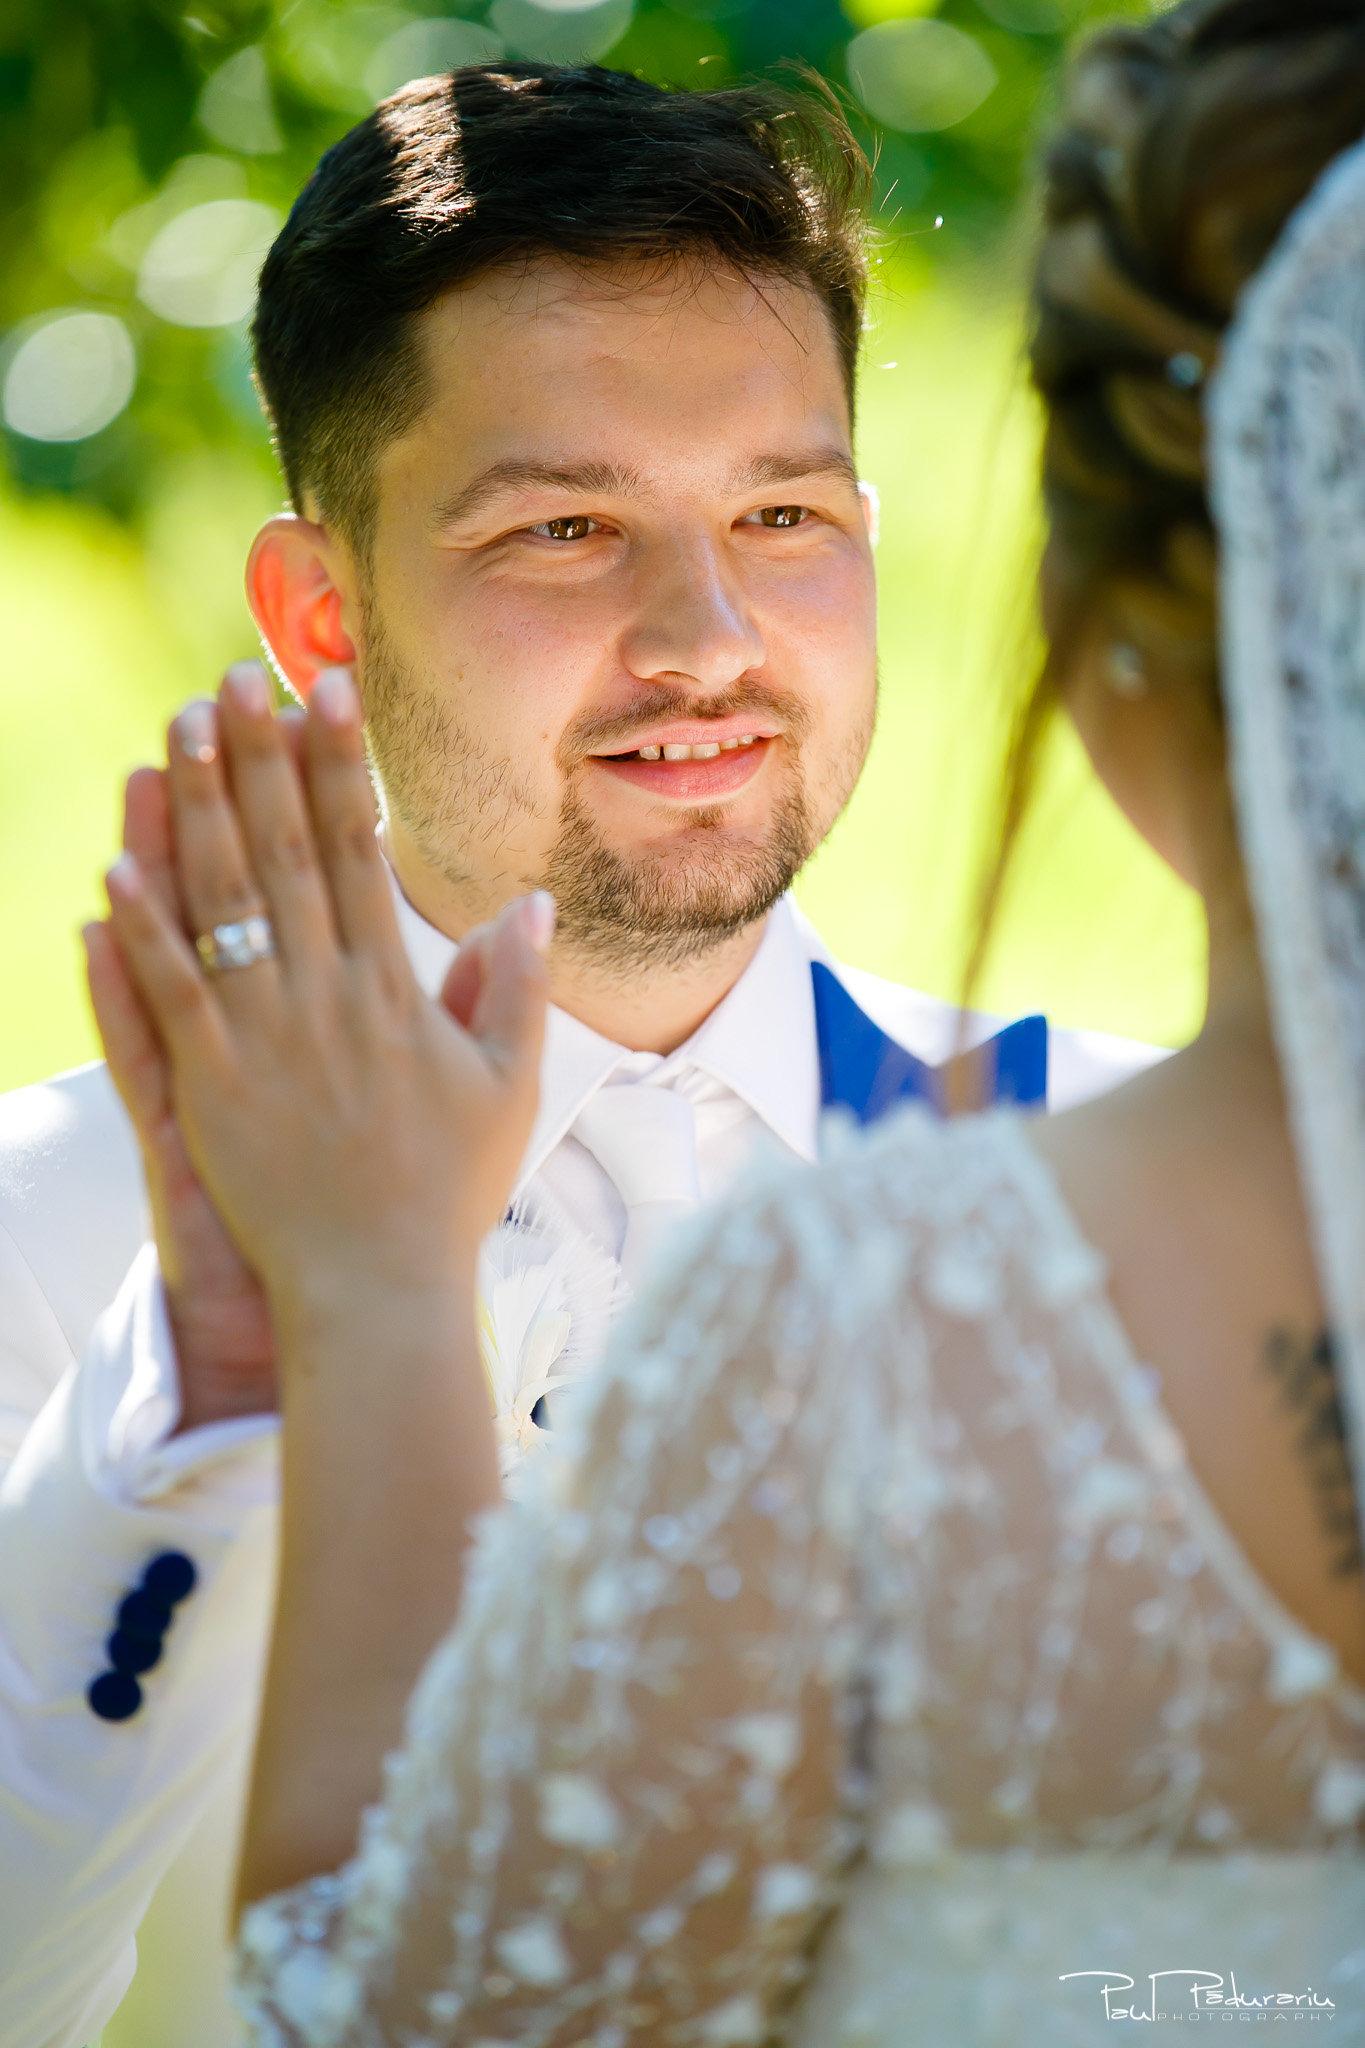 Sedinta foto nunta Ema si Tudor fotograf profesionist de nunta iasi www.paulpadurariu.ro © 2017 Paul Padurariu potret mire